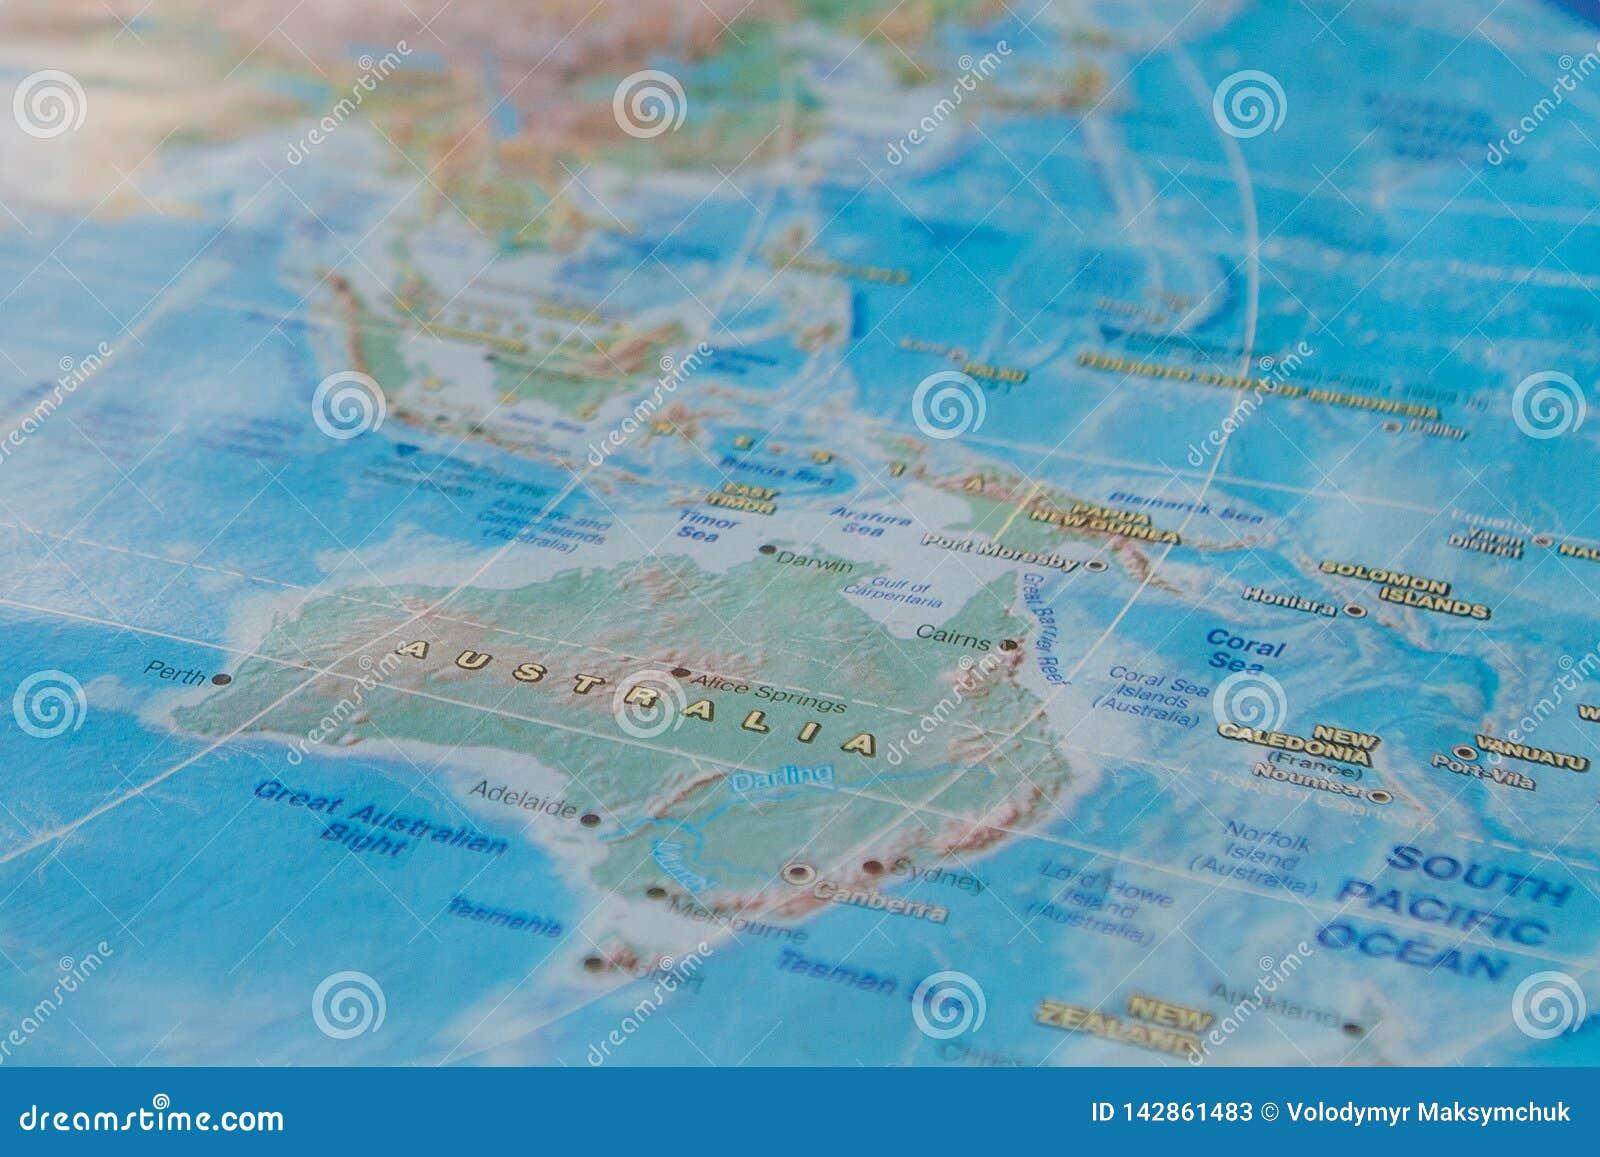 L Australie Dans La Fin Sur La Carte Foyer Sur Le Nom Du Pays Effet De Degrade Image Stock Image Du Effet Dans 142861483